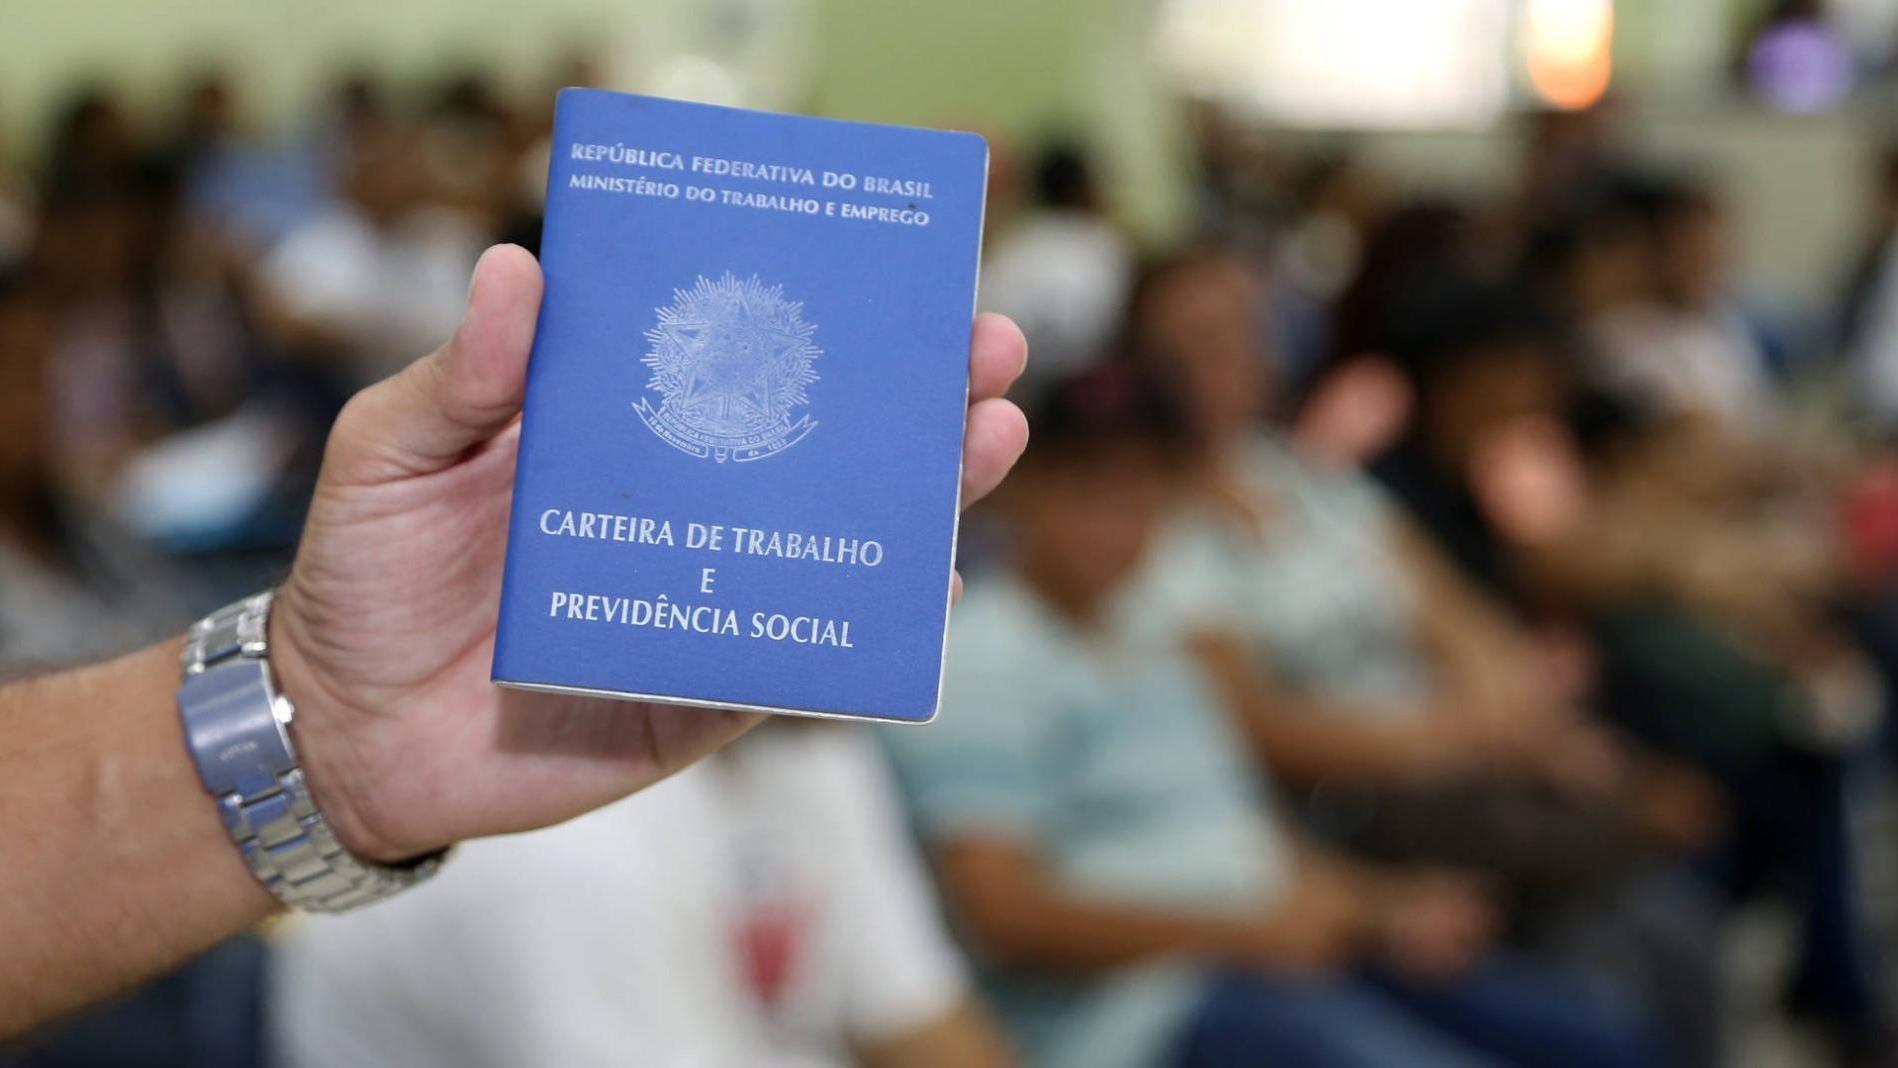 Lojistas mapeiam vagas de empregos e estágios no Ceará; saiba como se inscrever